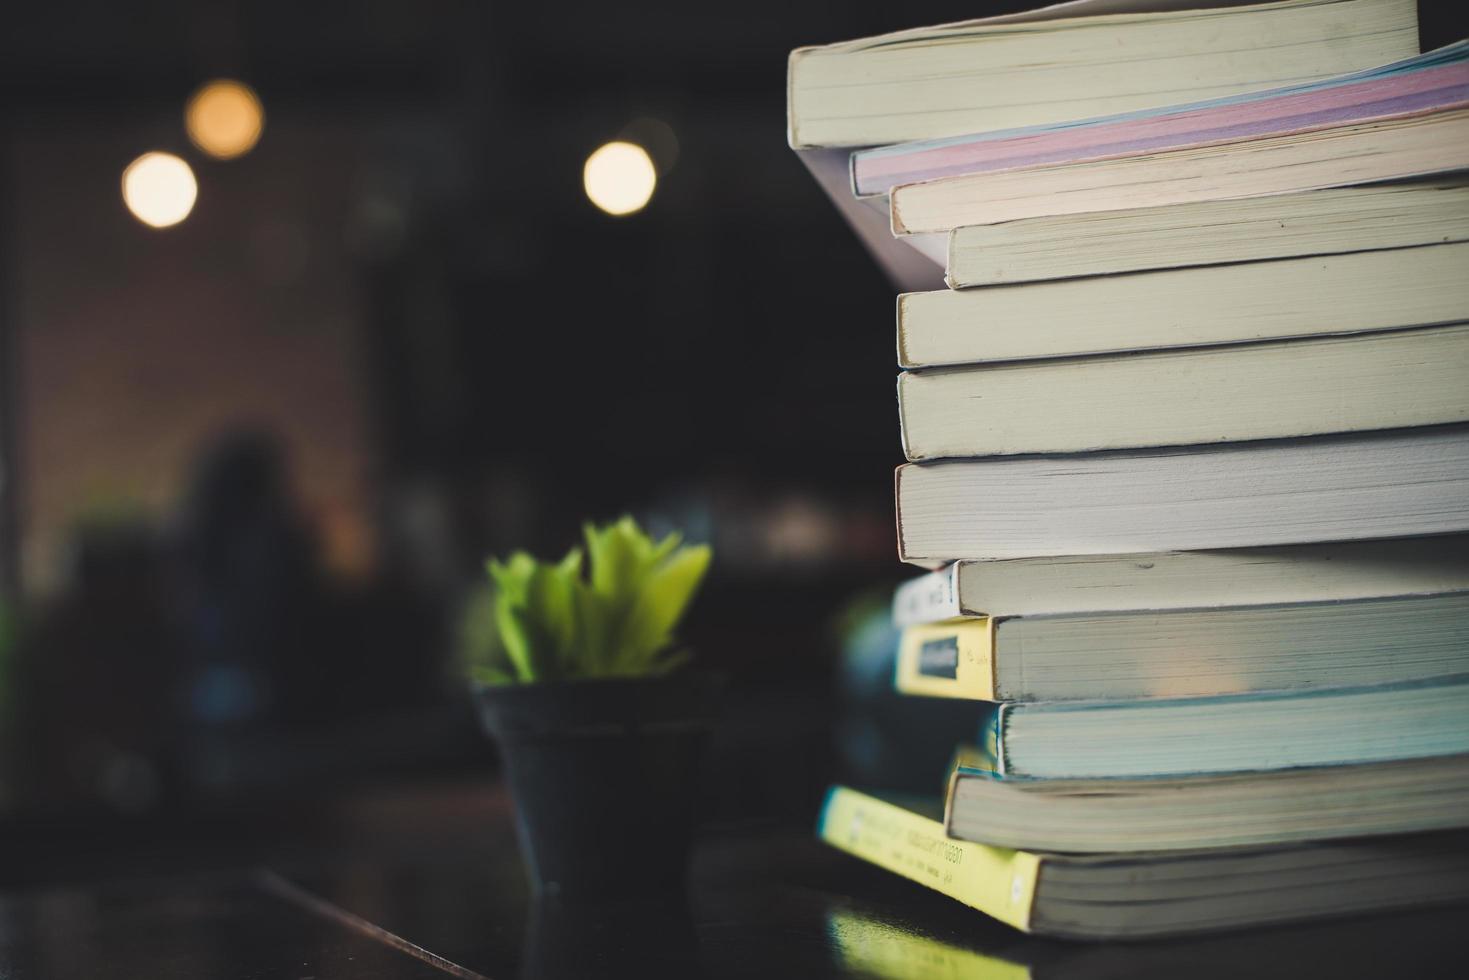 Stapel von Büchern auf einem Tisch über einem unscharfen Bibliothekshintergrund foto